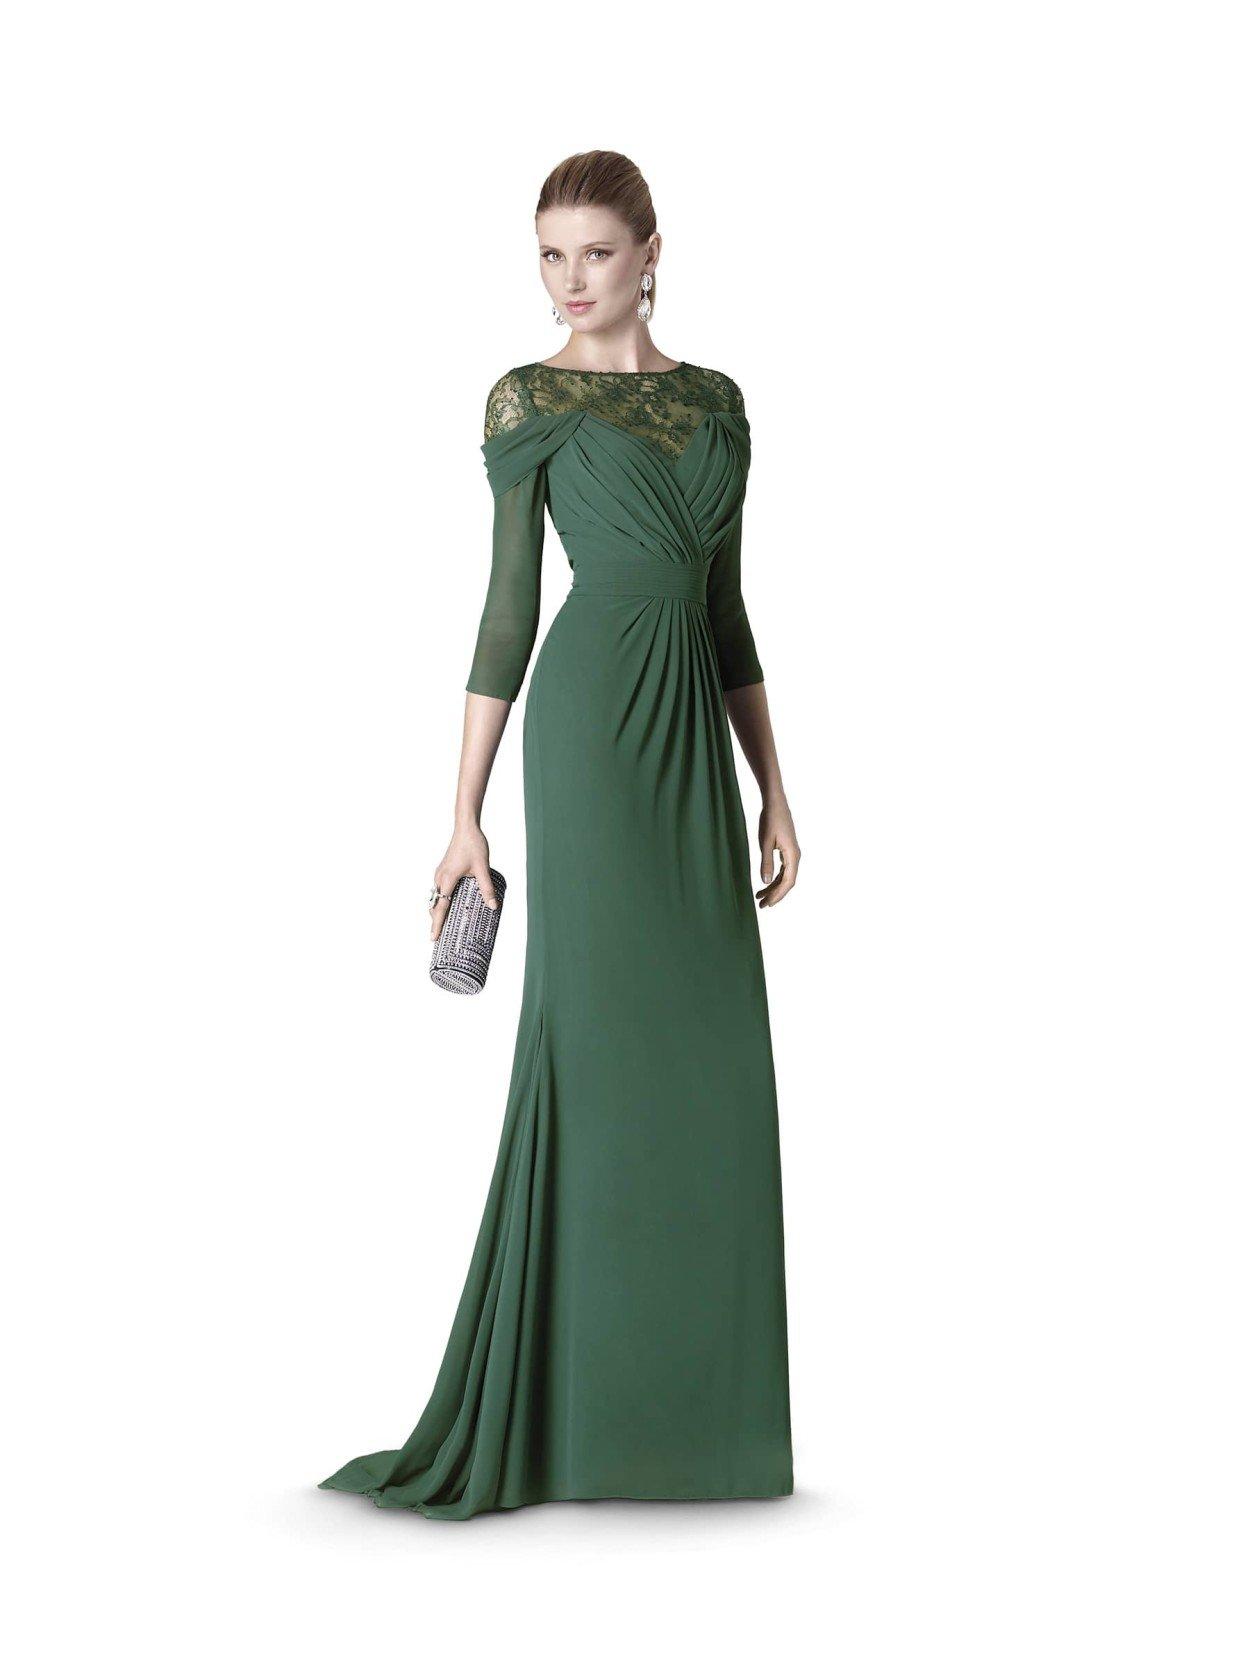 2cae2ec5813 Длинное зеленое вечернее платье с рукавами It s My Party 5362 ...